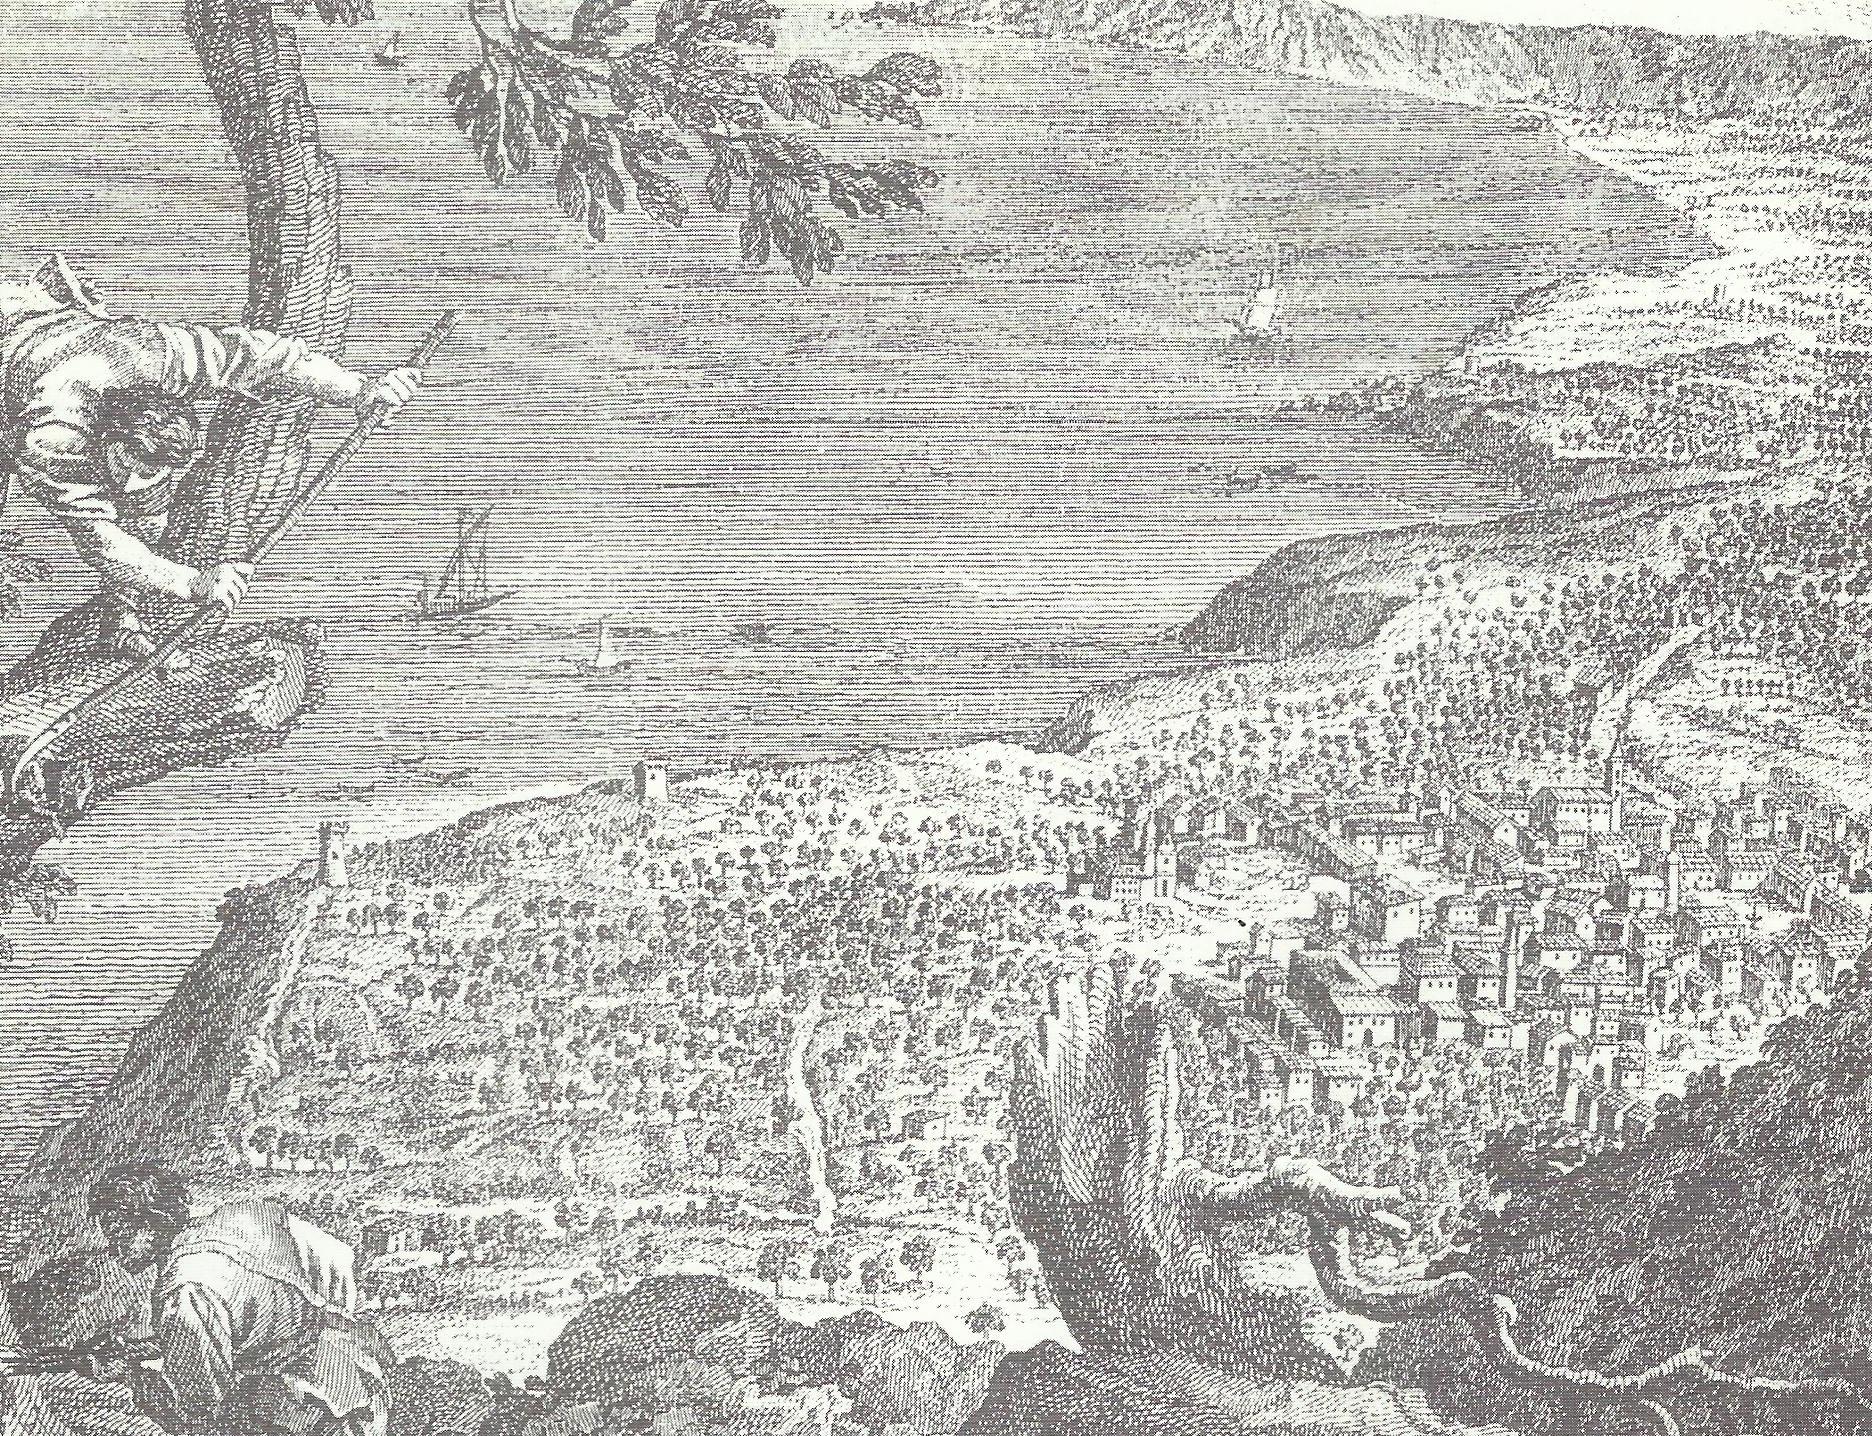 """Disegno di Antonio Minasi del 1779 intitolato """"Prospetto del Faro di Messina riviera di Scilla Costiera di Parma e spiaggia di Gioia"""""""